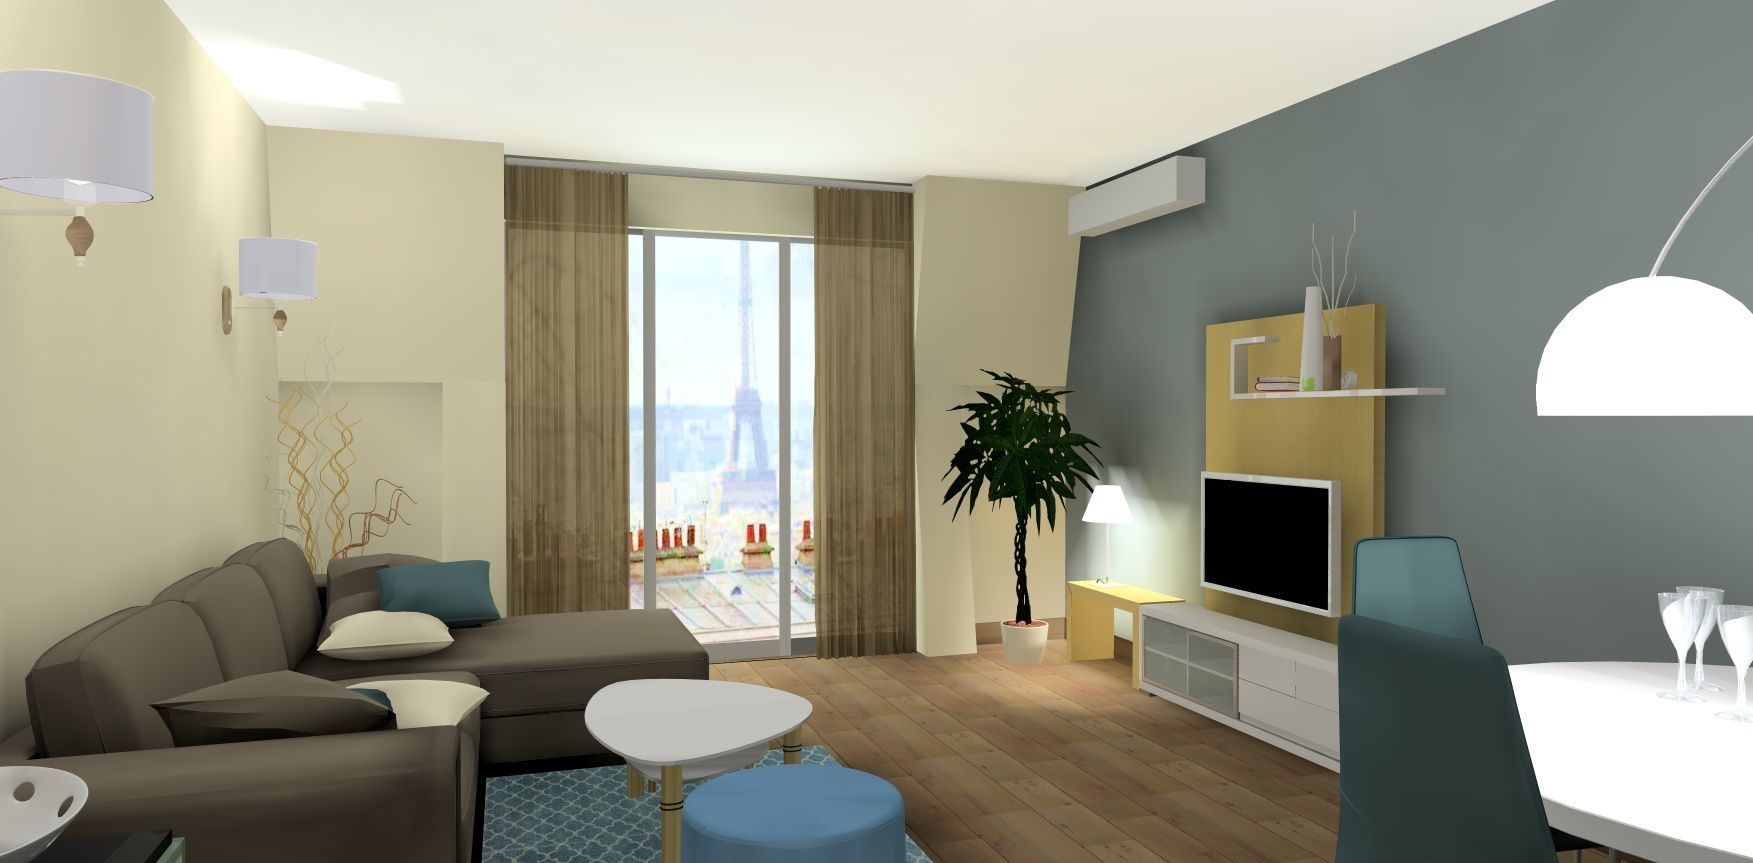 Charmant Vue 3D Salon Lin Et Bleu Appartement, Plan 3D Salon, Simulation 3D Séjour @